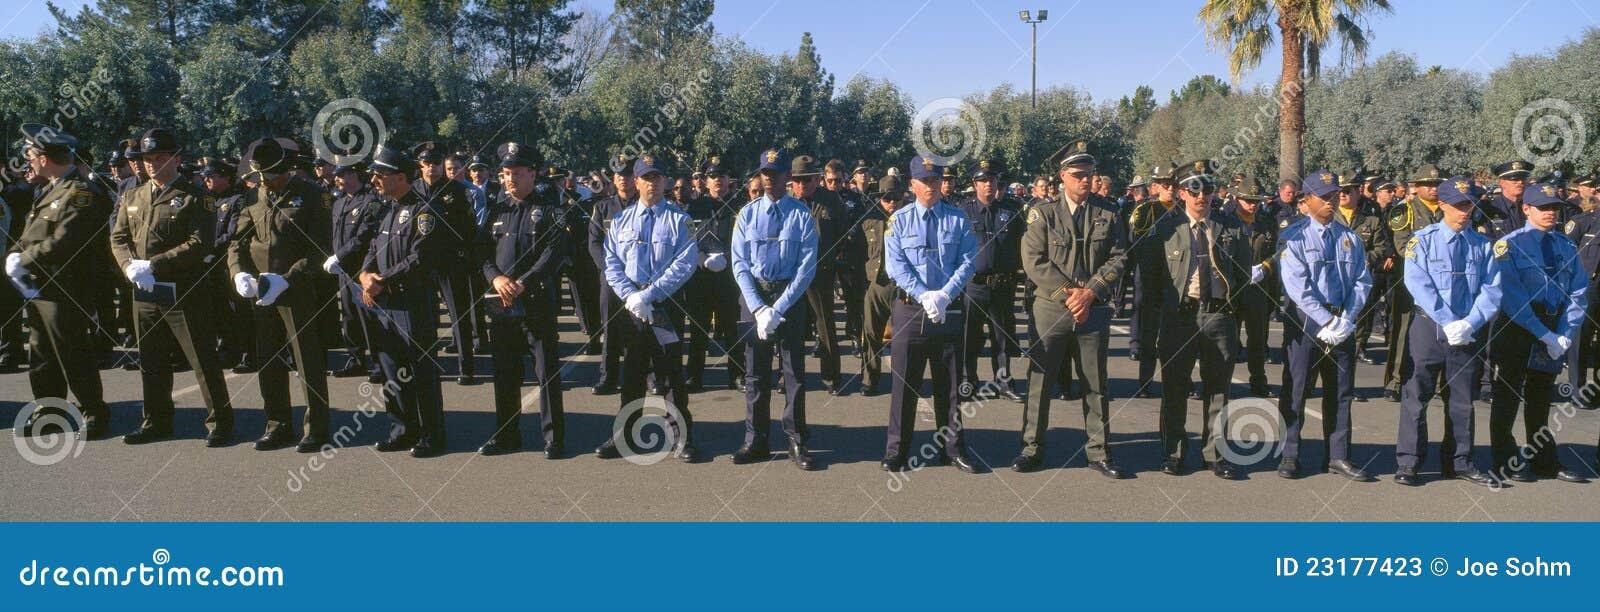 Beerdingungsfeier für Polizeibeamten